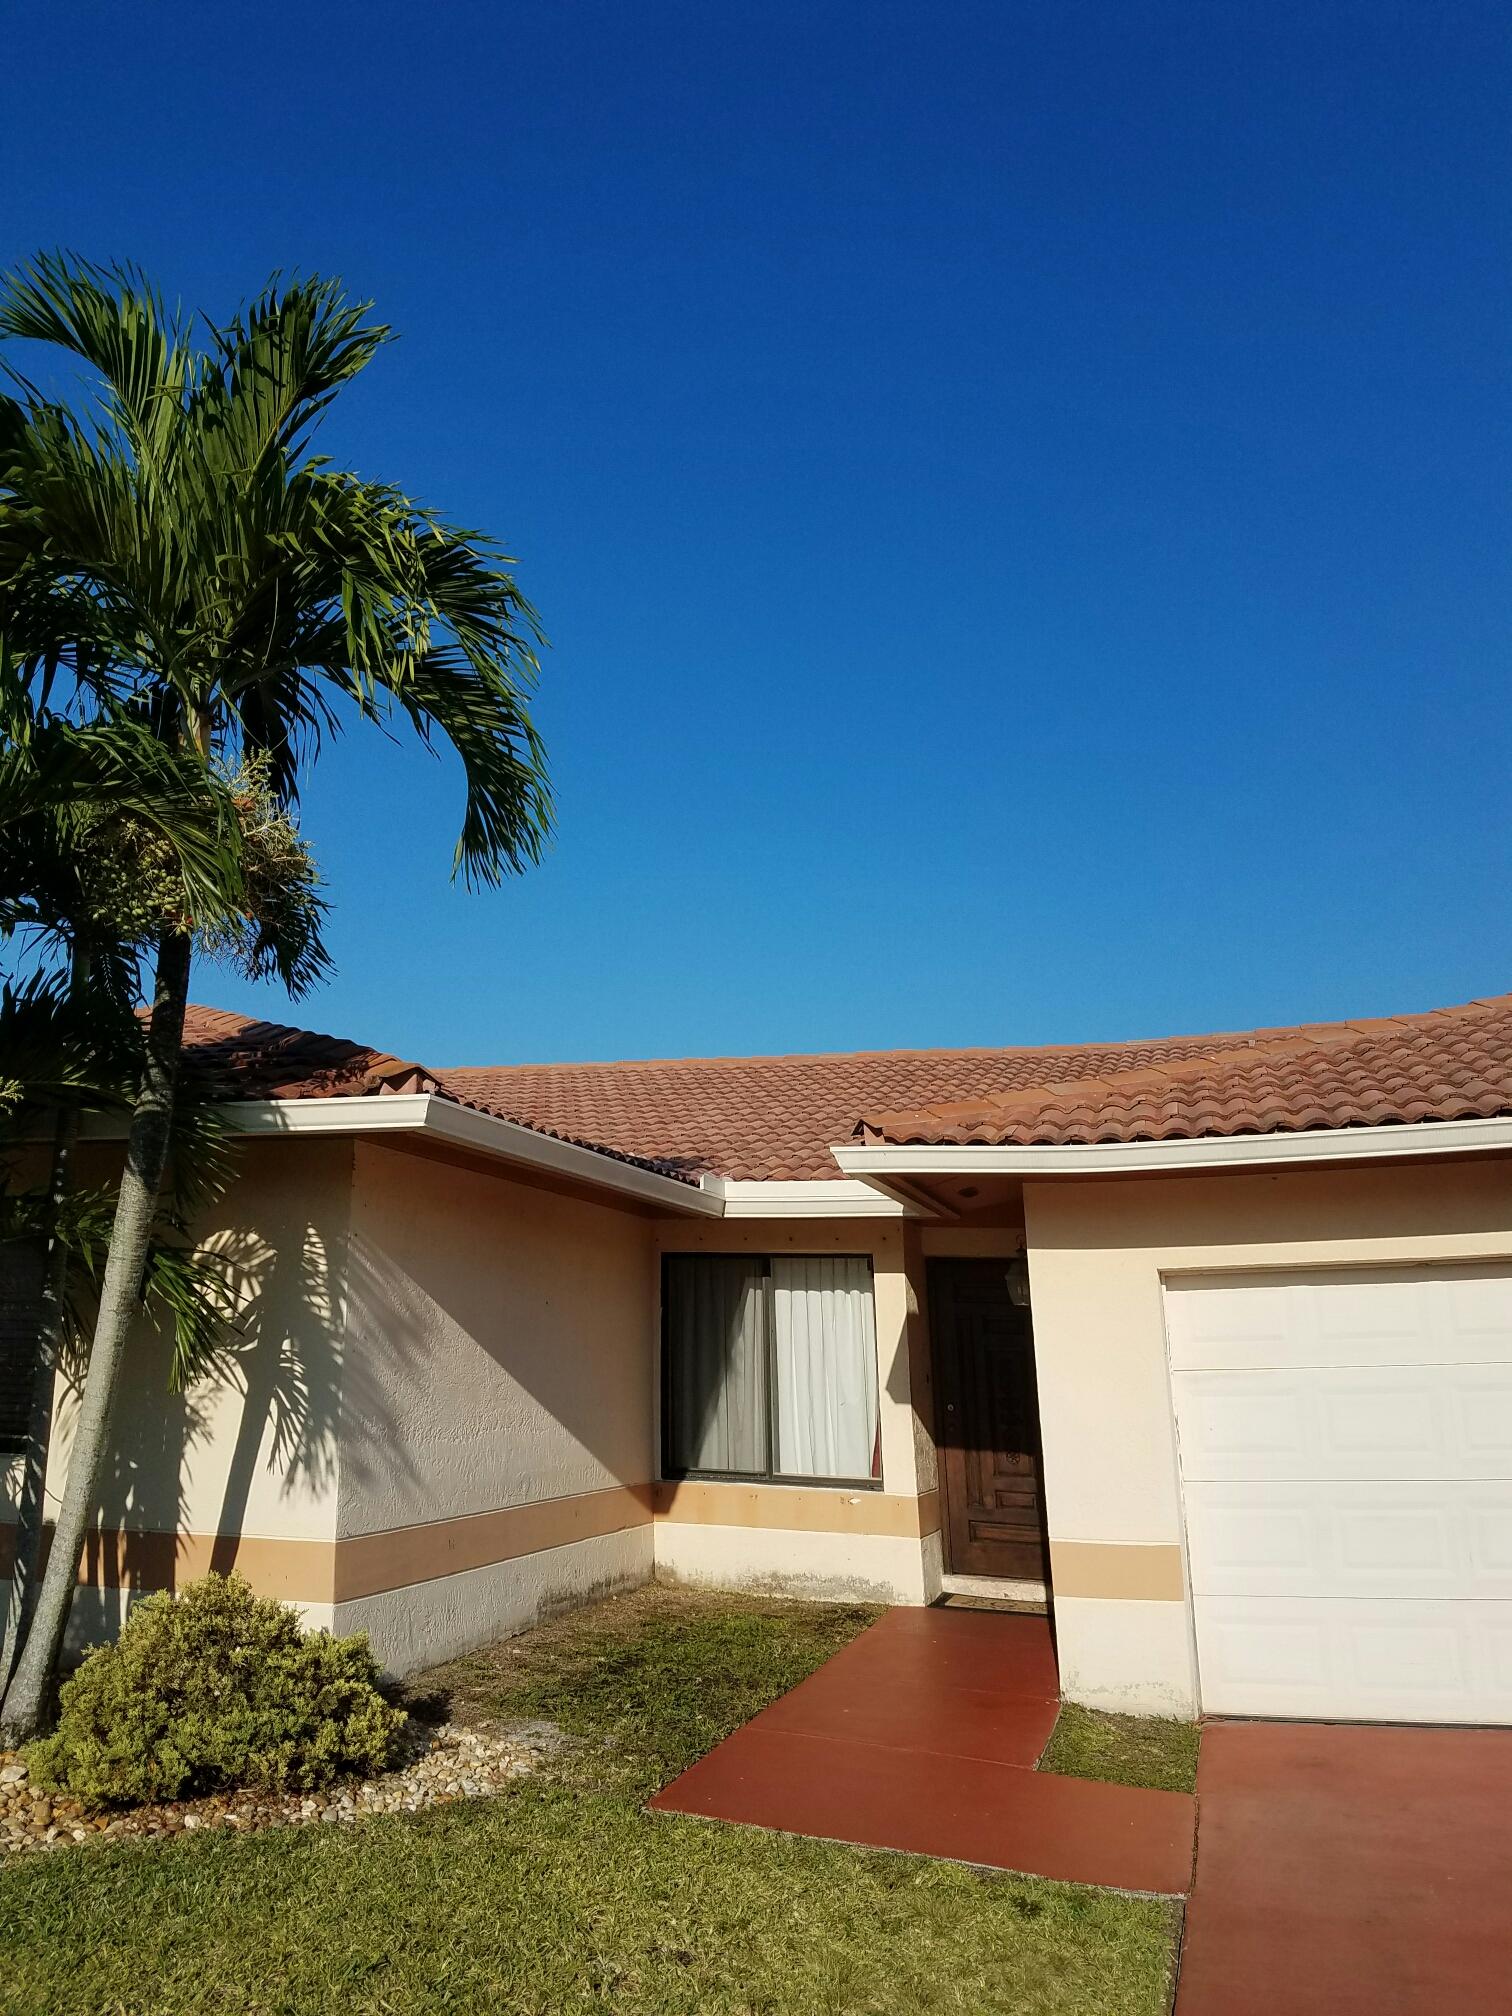 Miami, FL - Tile roof repair estimate in Miami